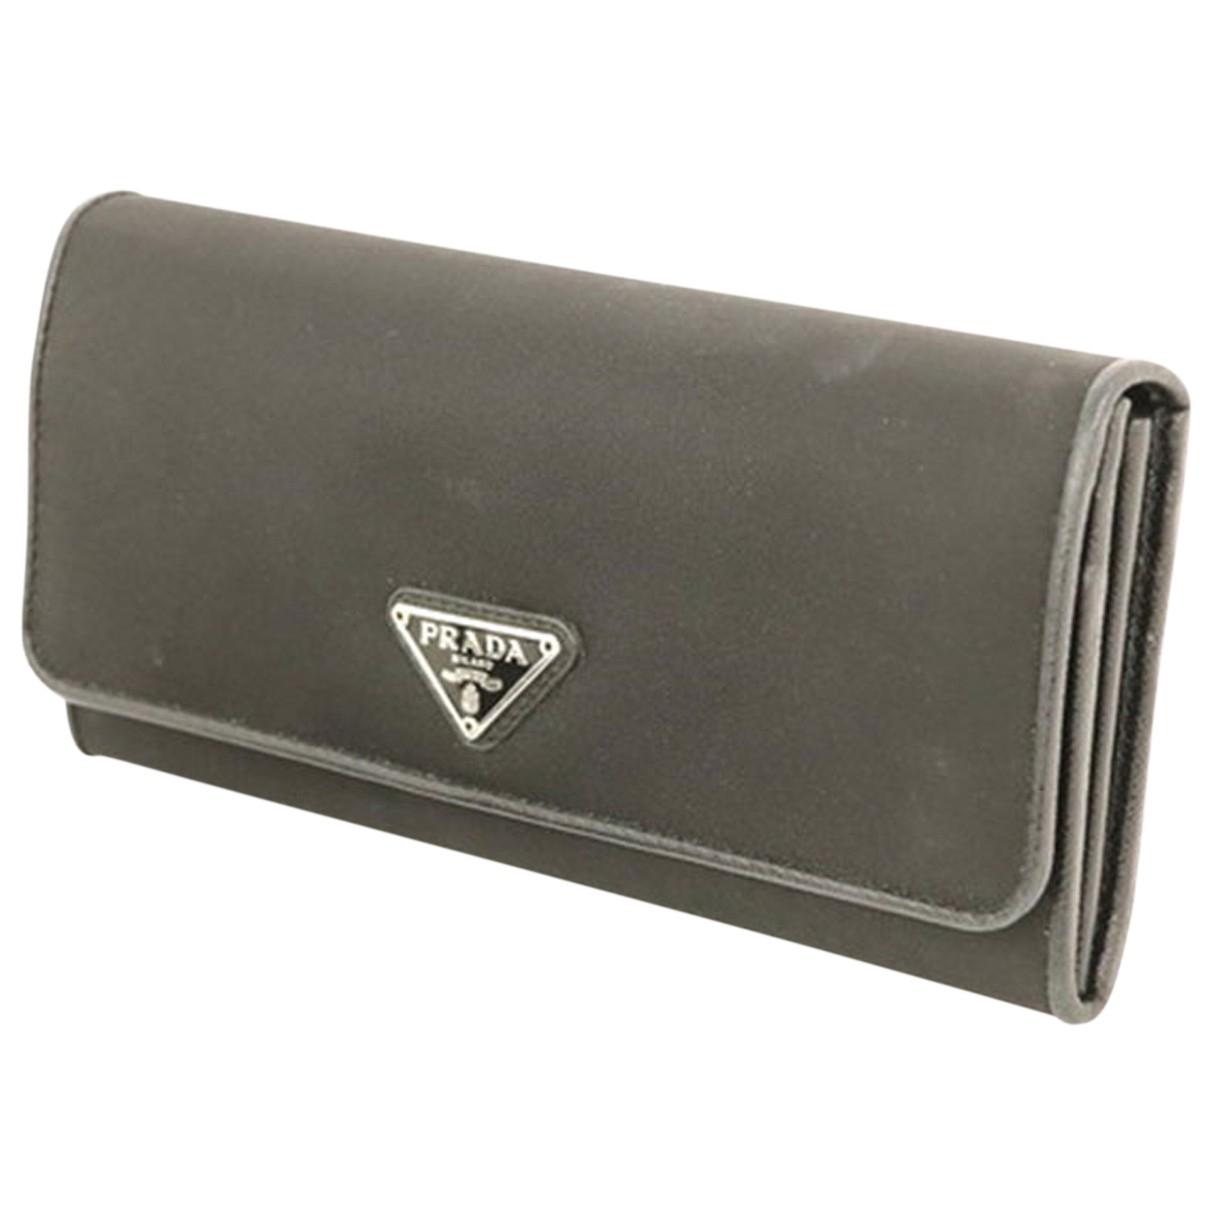 Prada N Leather wallet for Women N